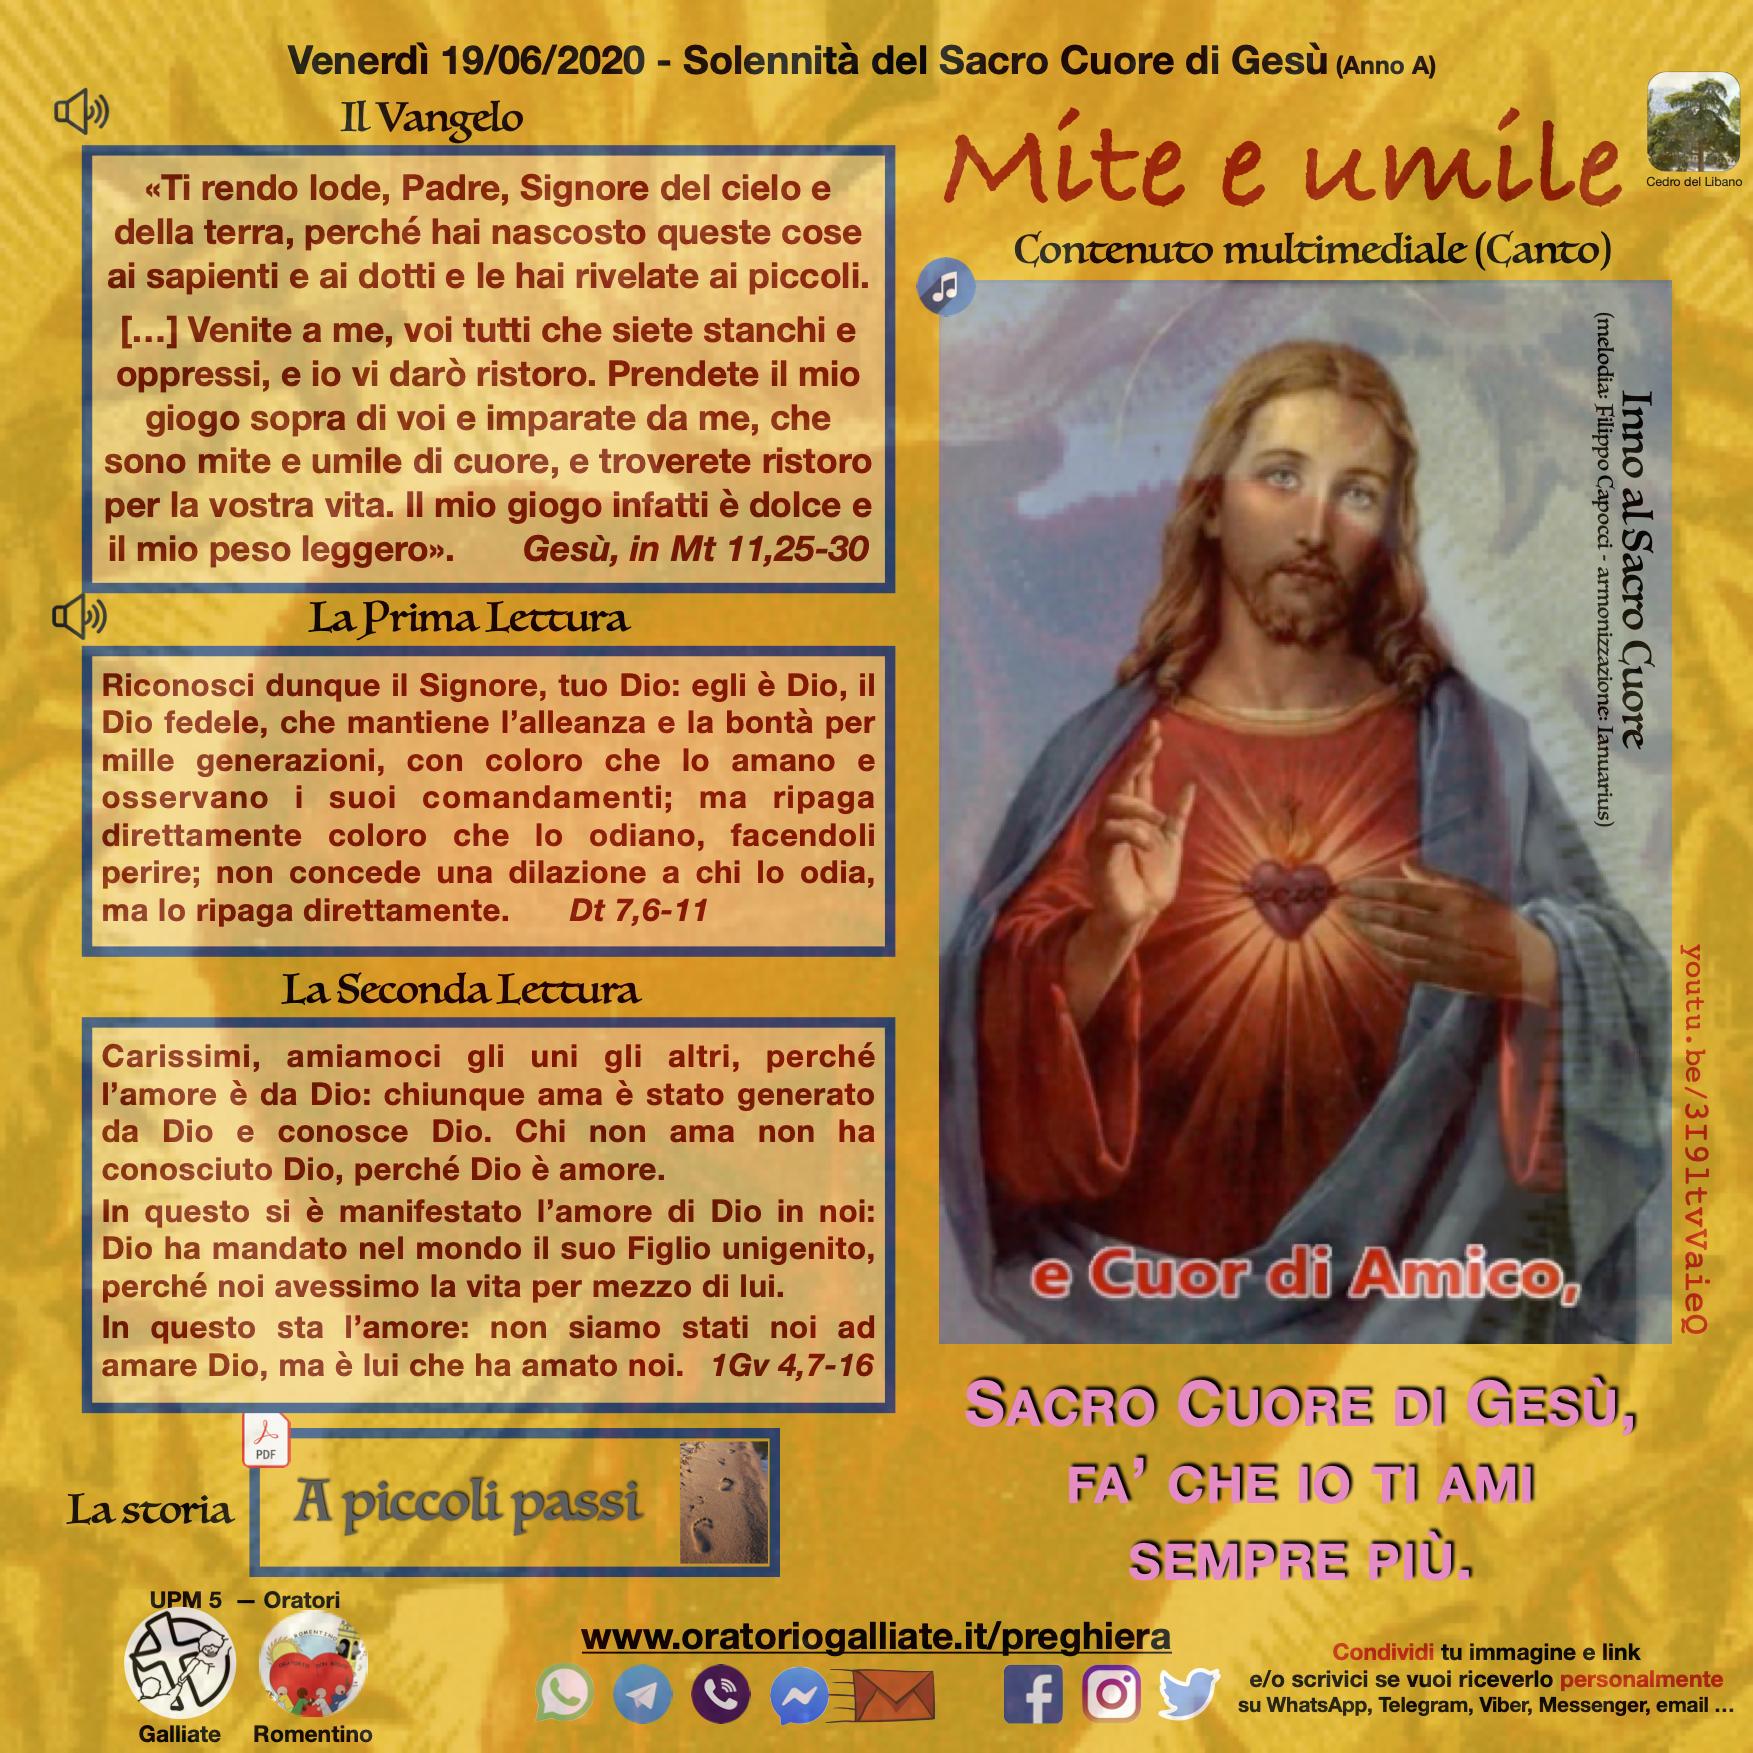 Mite e umile - 19 giugno 2020 - L'Oratorio di Galliate